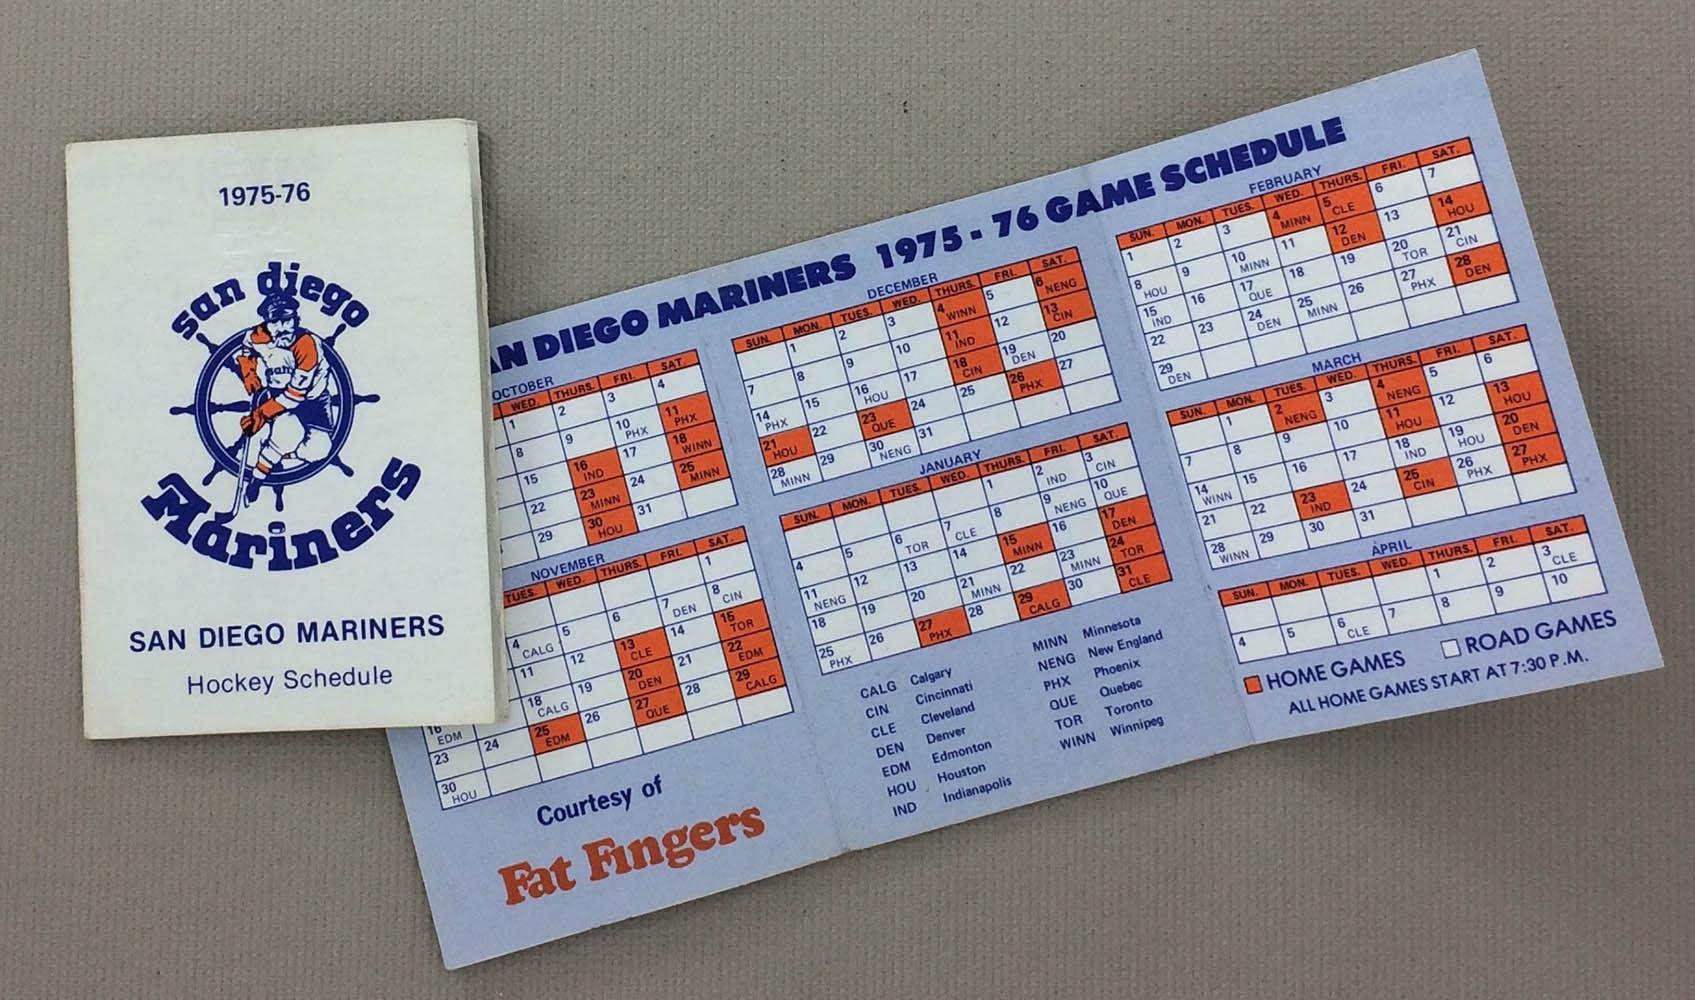 San Diego Mariners 1975-76 Schedule